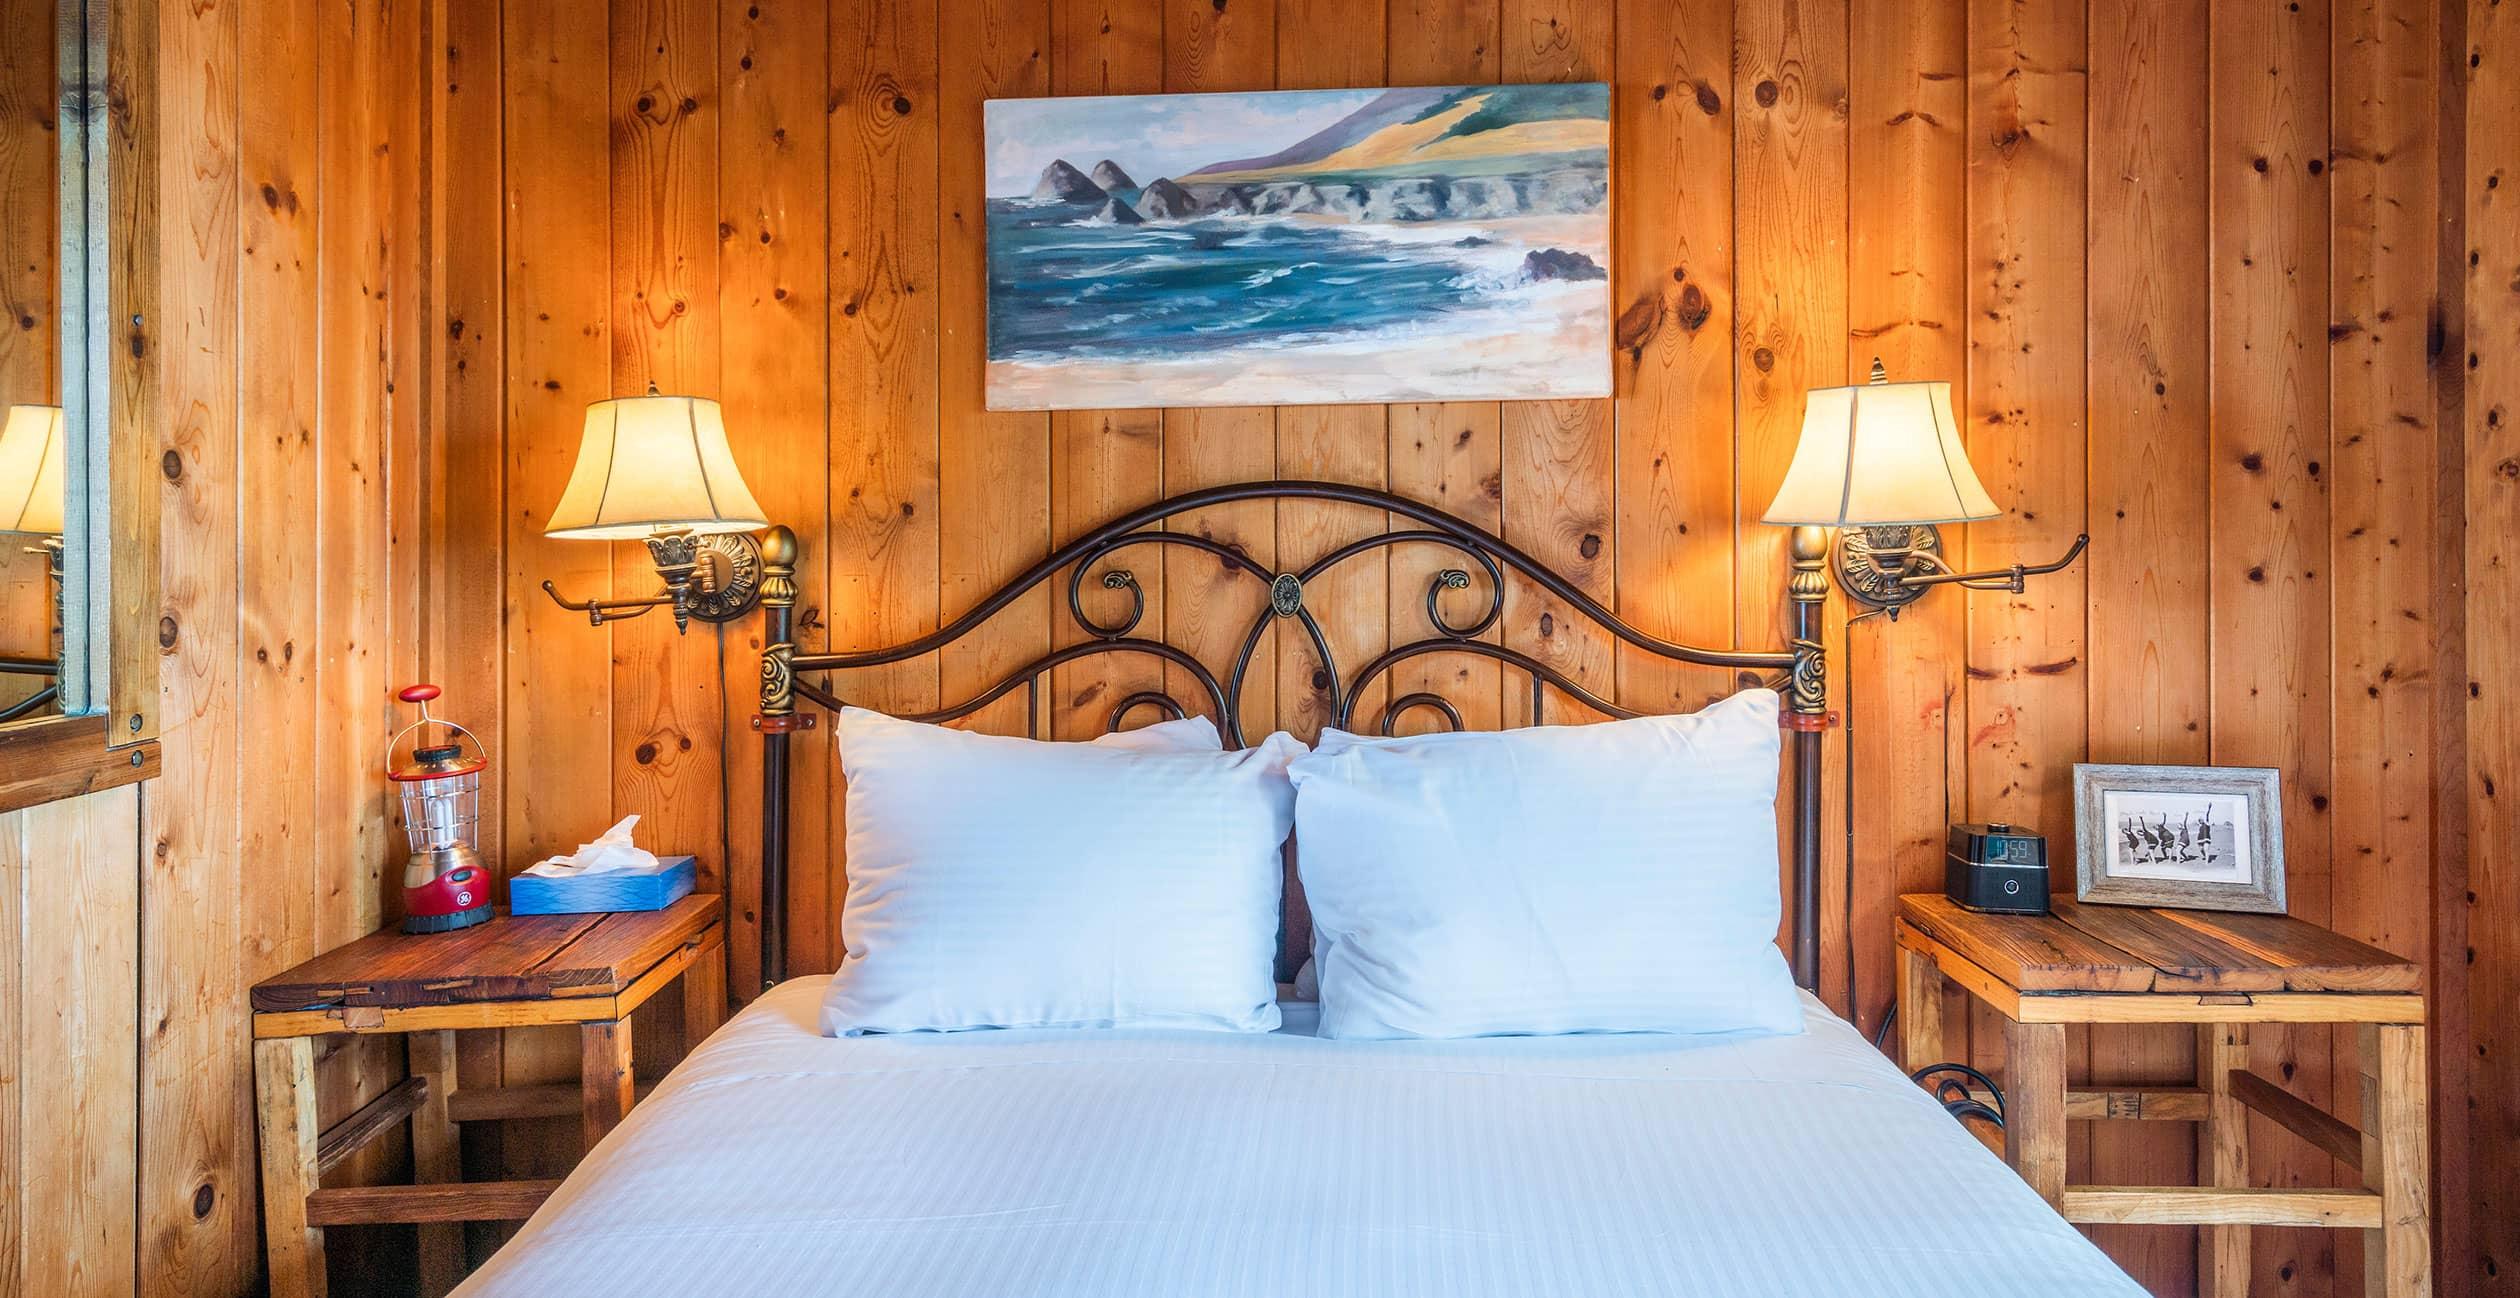 Bed between warm lamps in Cabin 3 bedroom